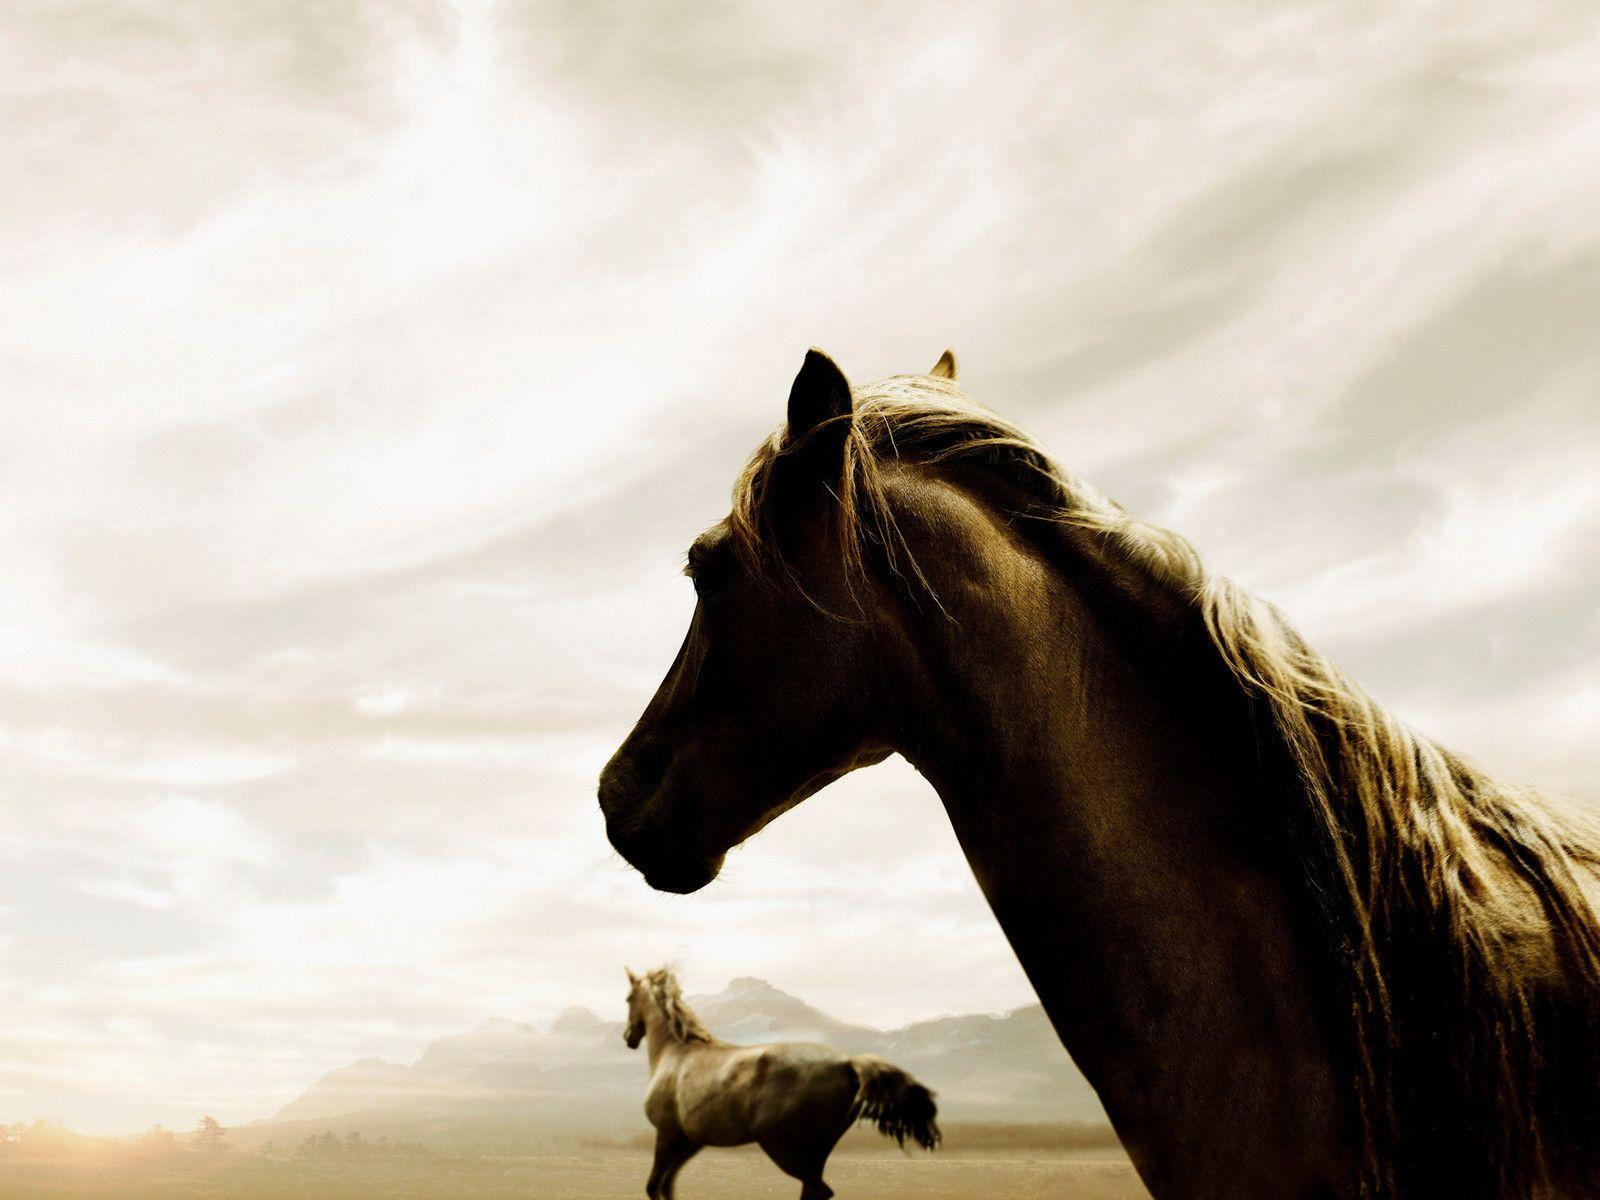 Fire Horse , HD Wallpaper & Backgrounds